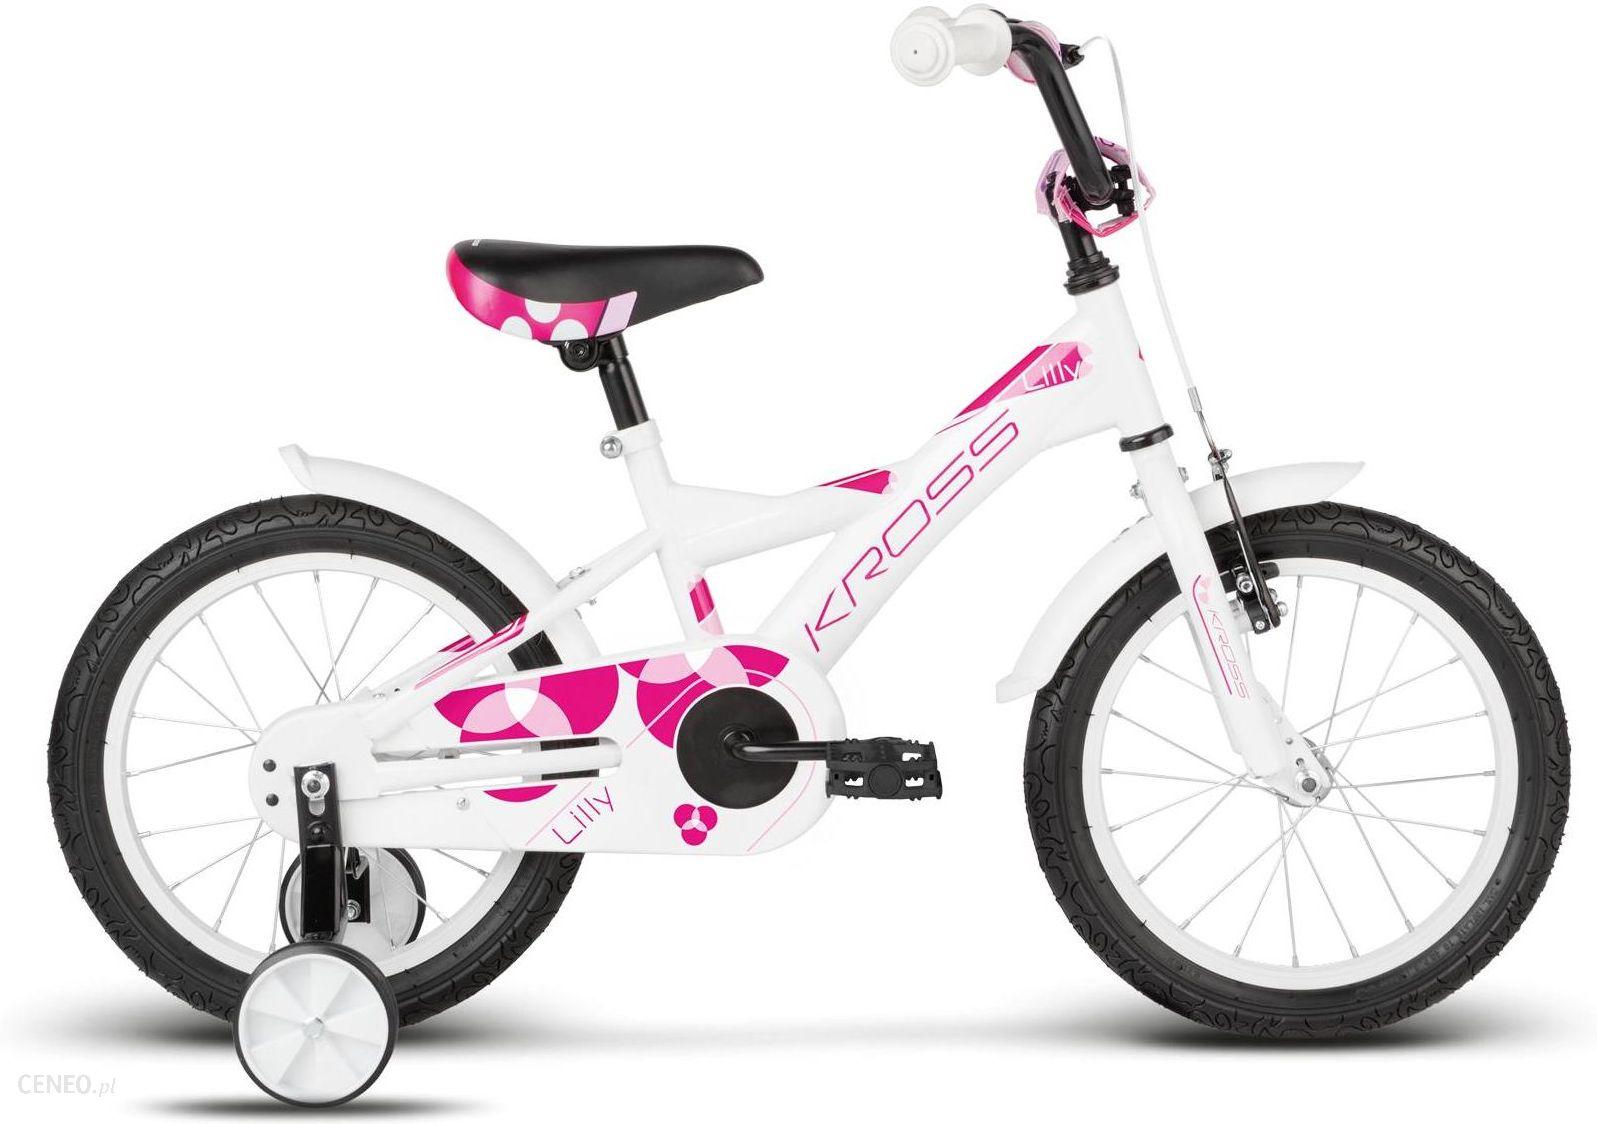 Rower Kross Lilly Biały Różowy 2017